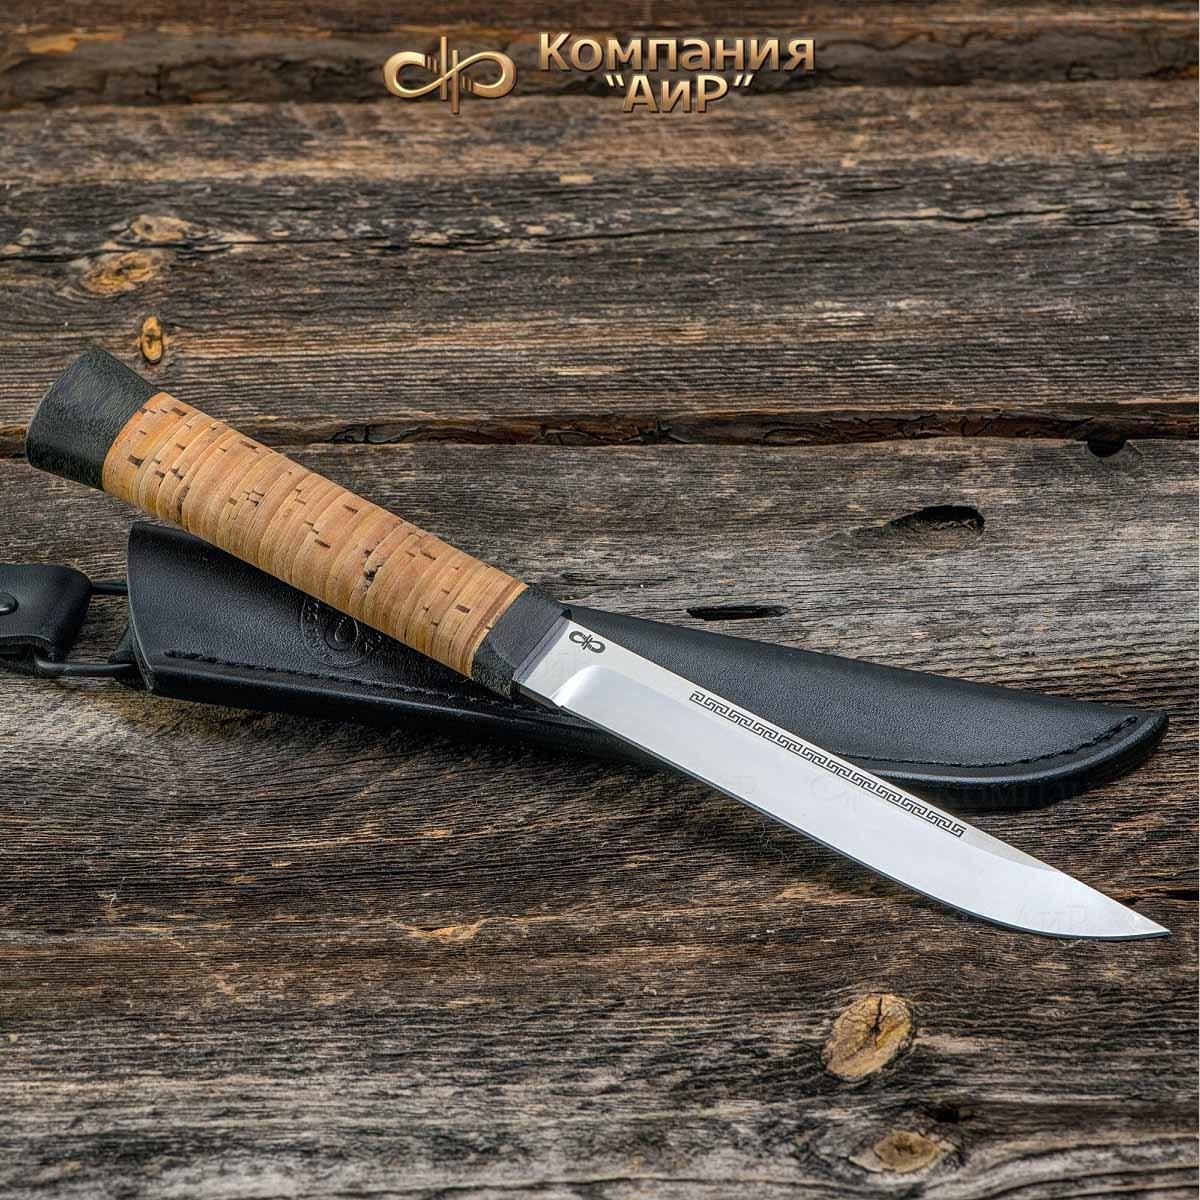 Нож АиР Бурятский средний,сталь 95х18, рукоять береста